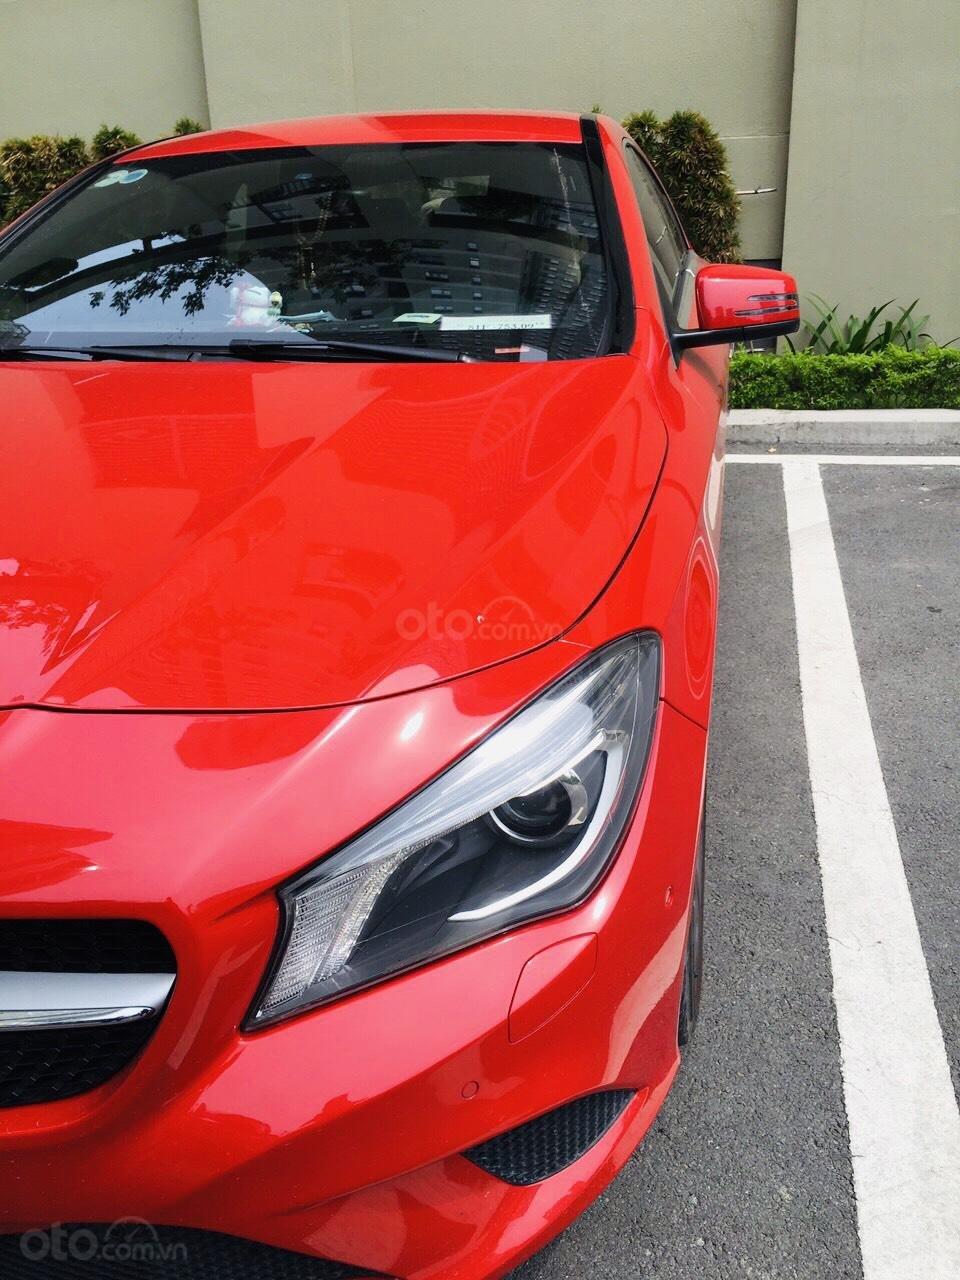 Bán CLA 200 2015 màu đỏ, xe nhập nguyên chiếc, xe đẹp đi ít, chất lượng bao kiểm tra hãng (4)